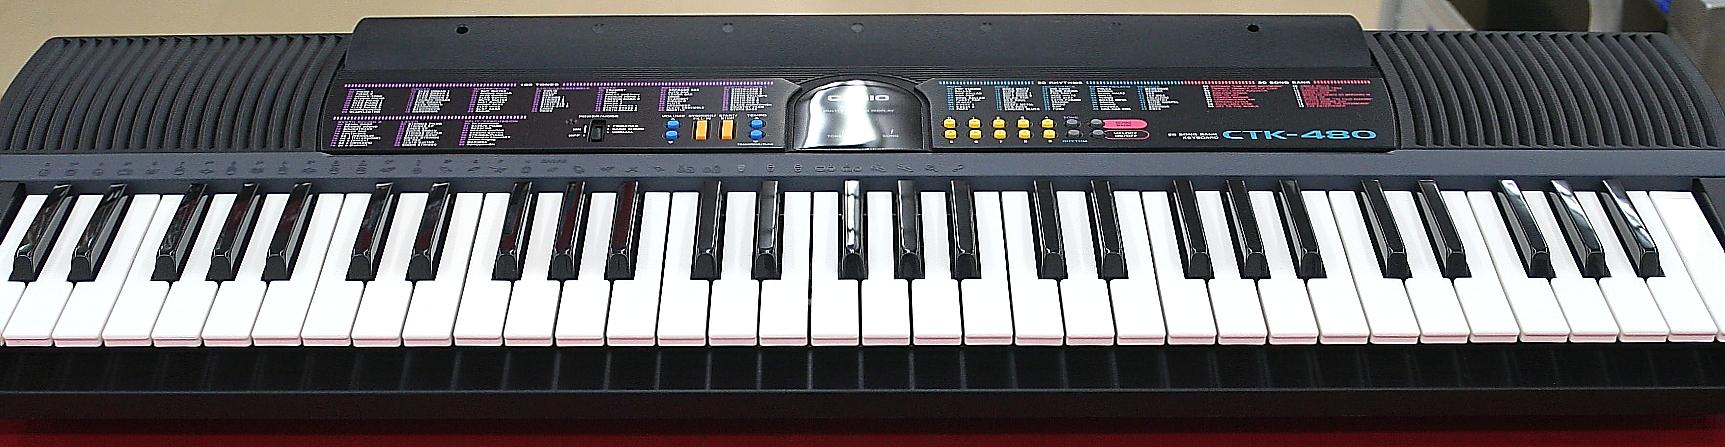 CASIO キーボード CTK-480